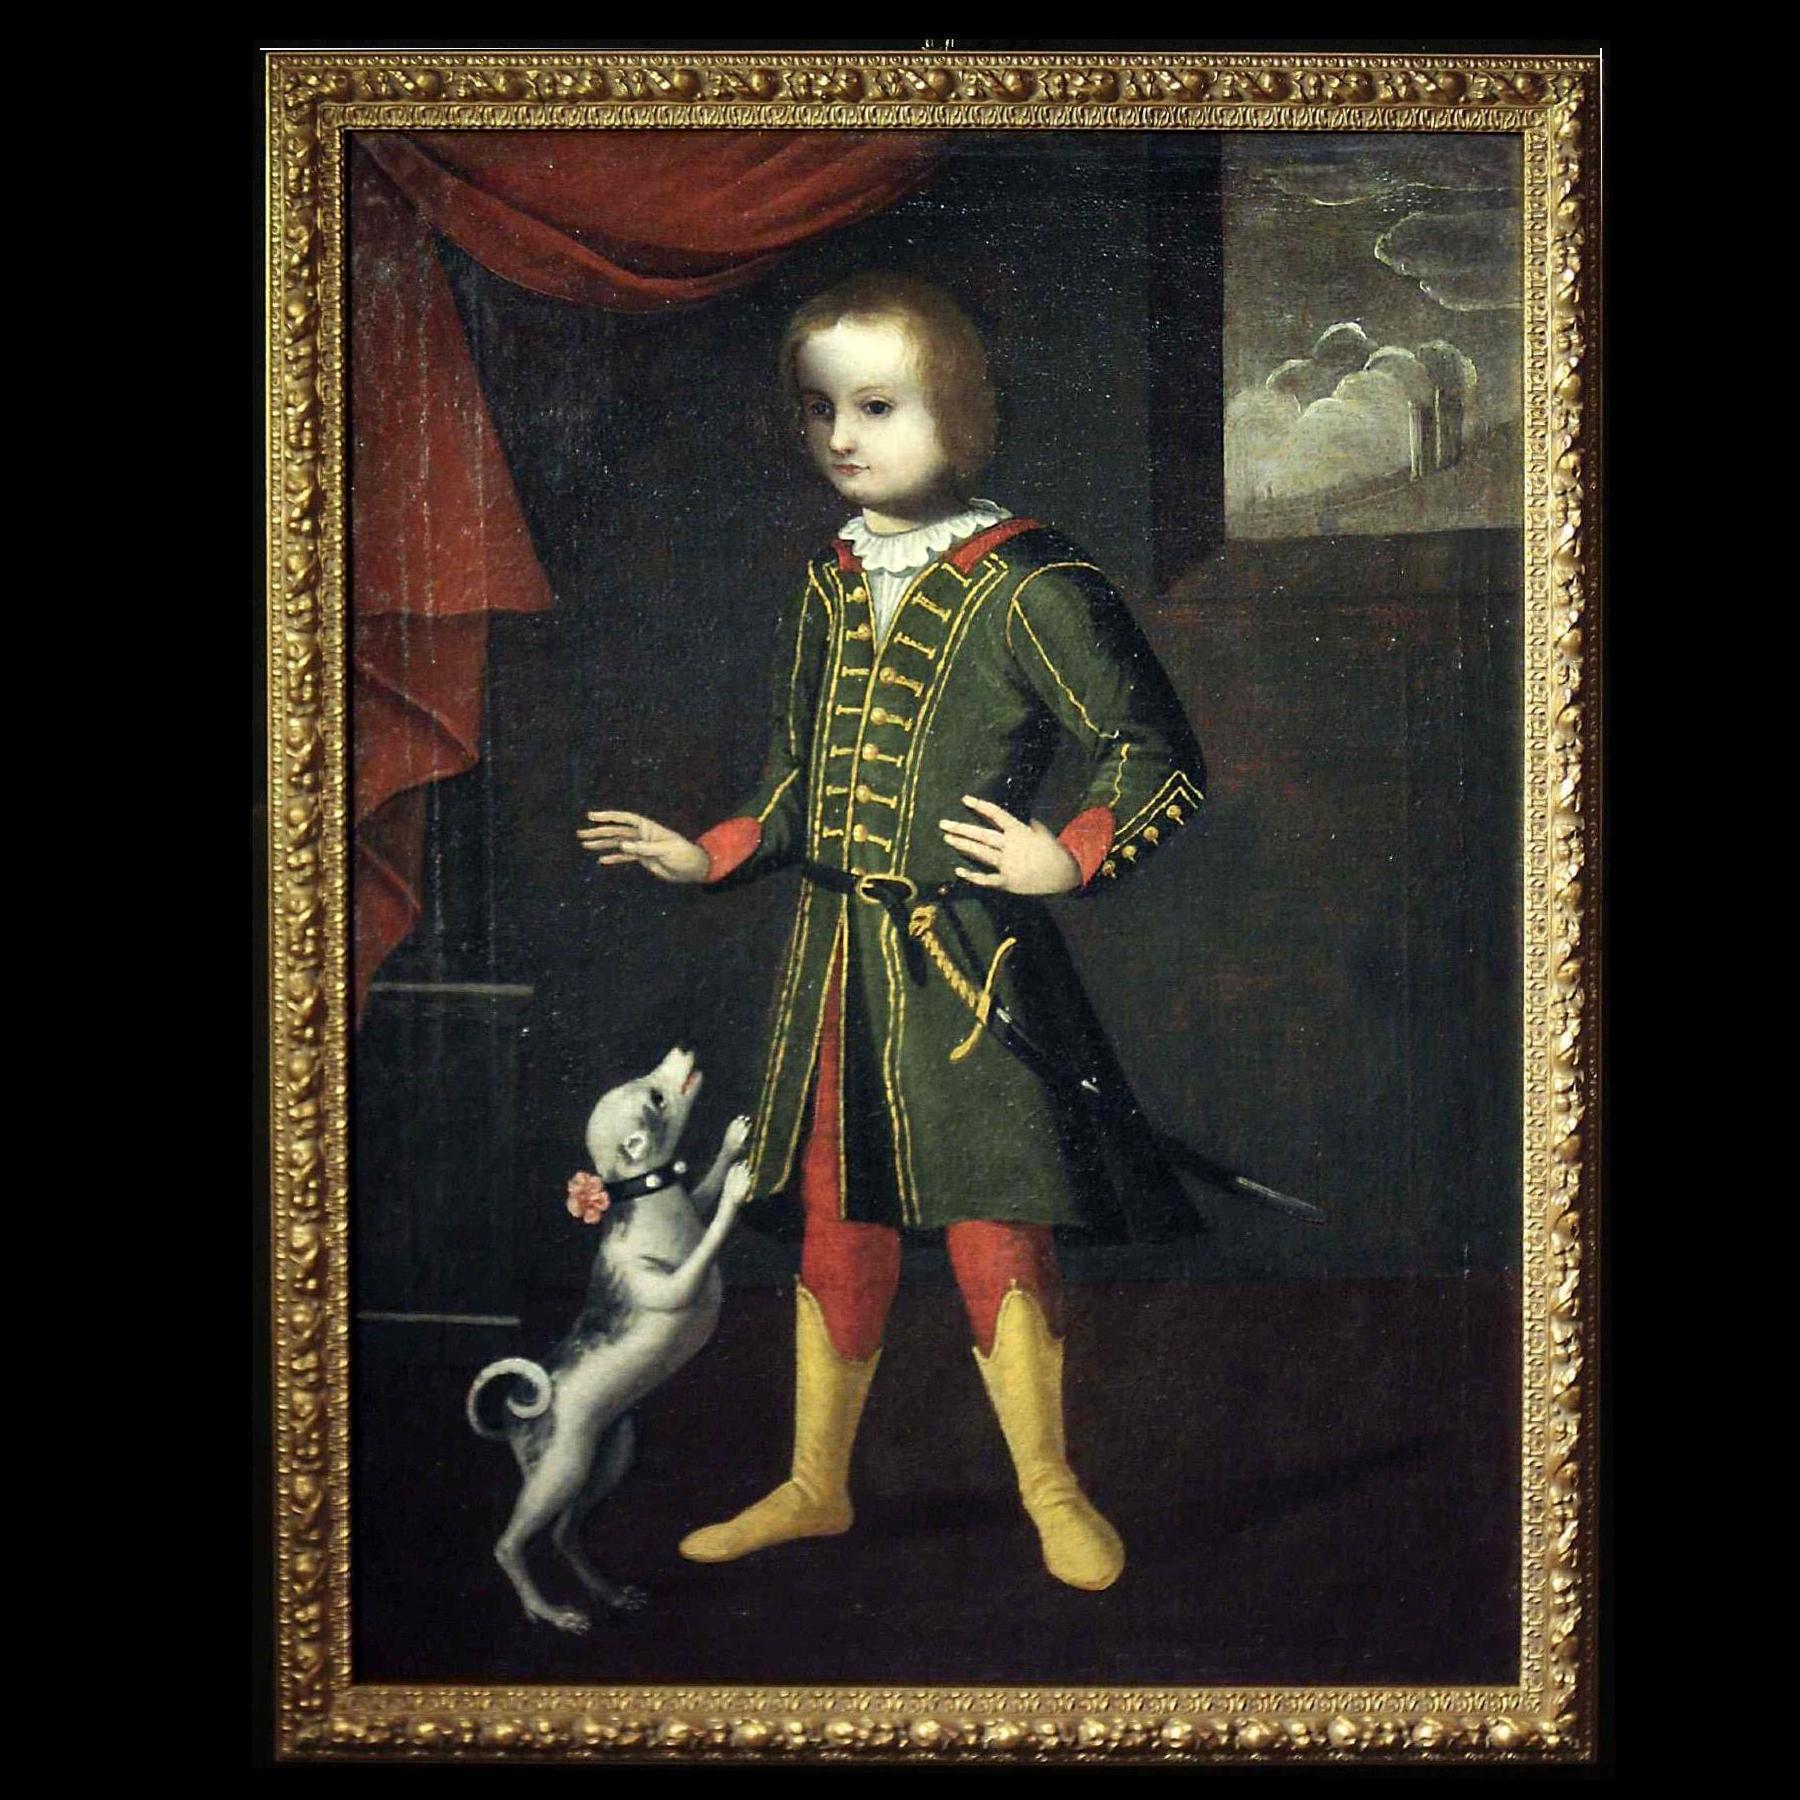 Ritratto di bambino col cane, Veneto, XVII secolo